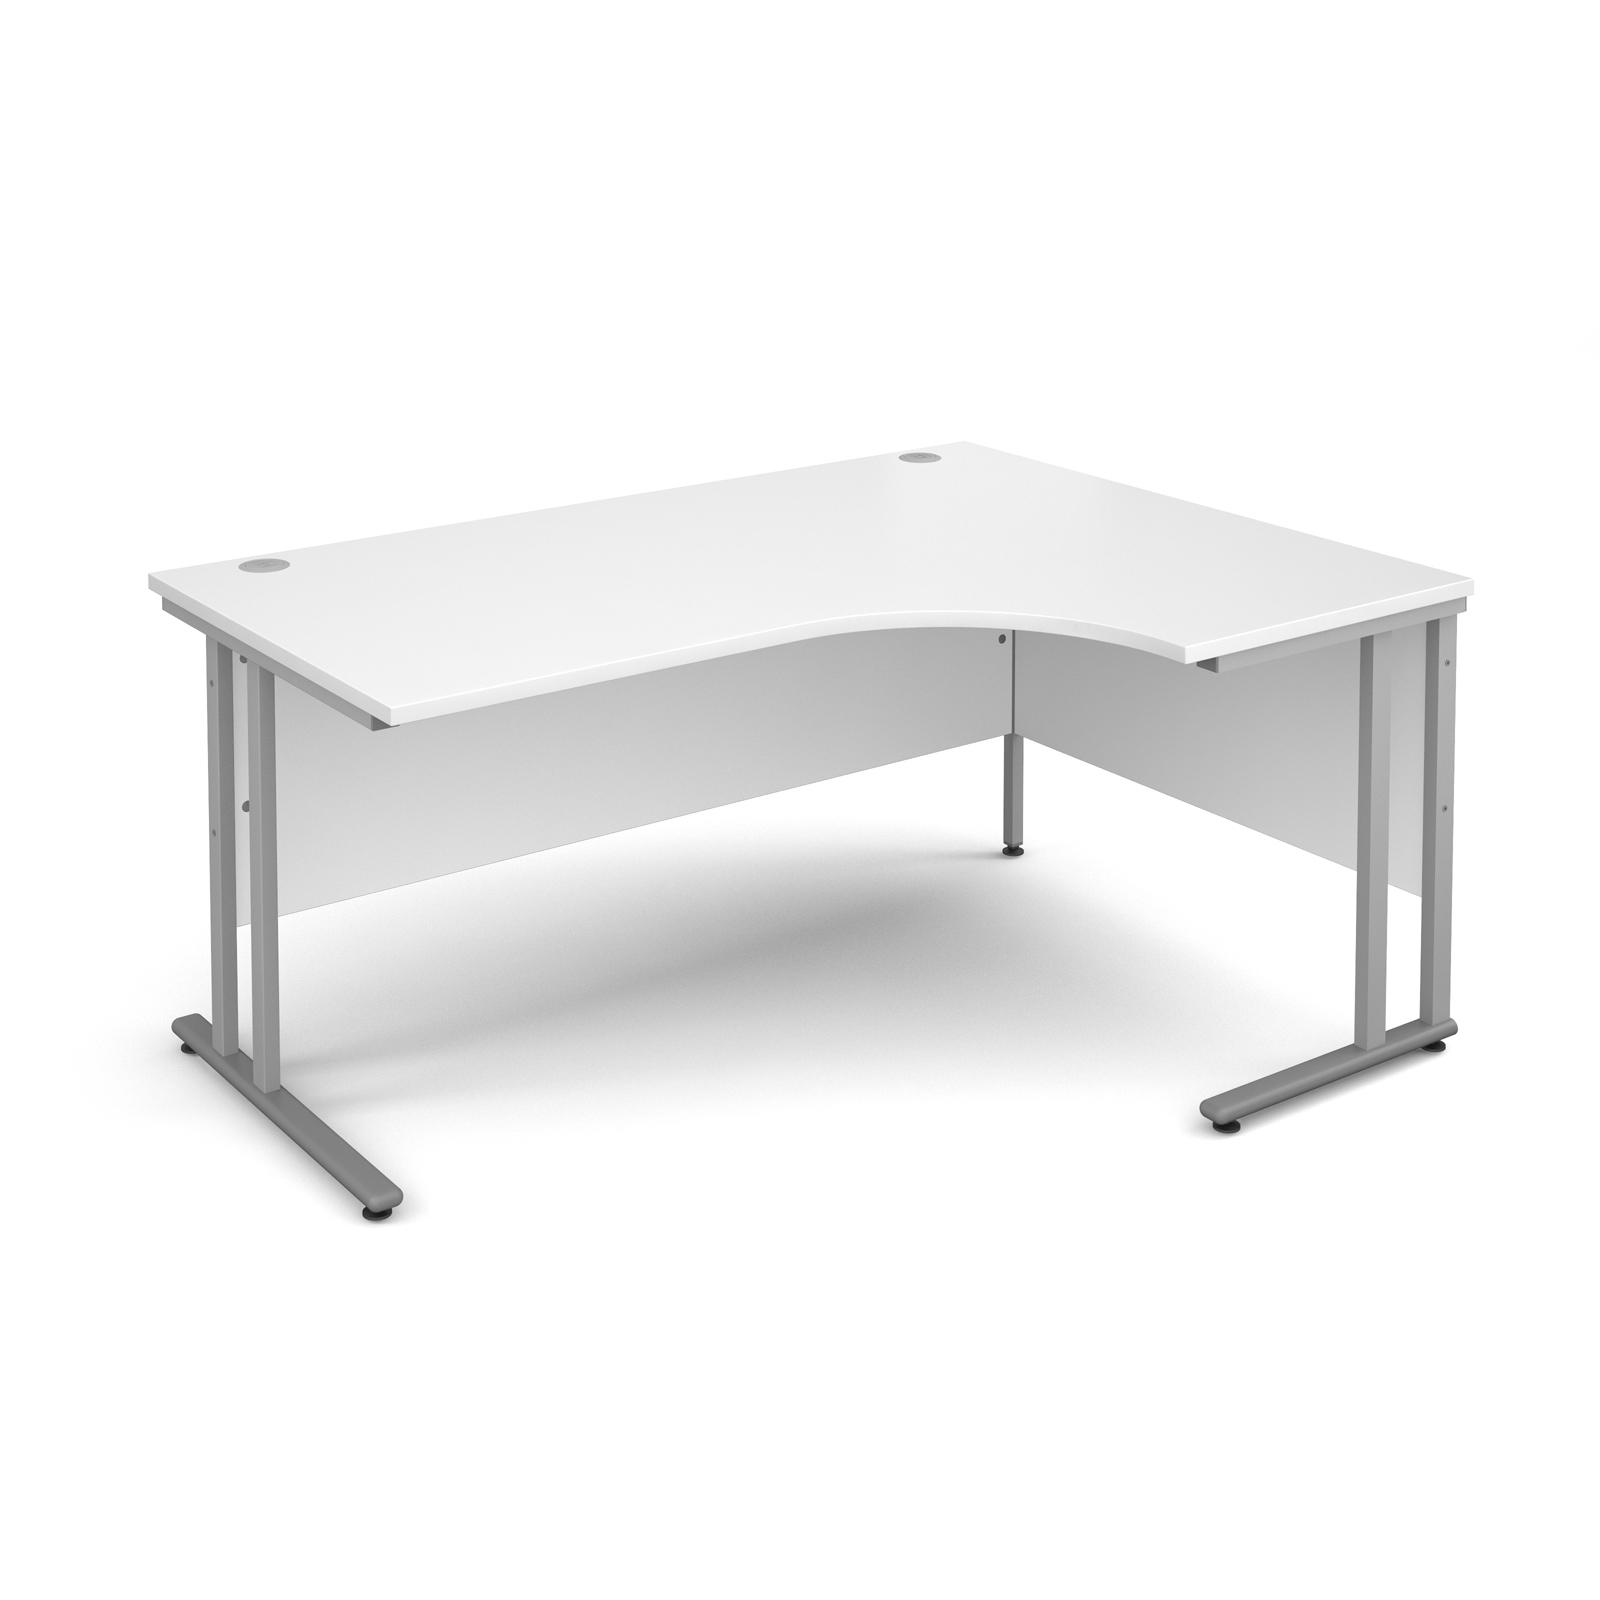 Maestro 25 Sl Right Hand Ergonomic Desk 1600mm - Silver Cantilever Frame, White Top